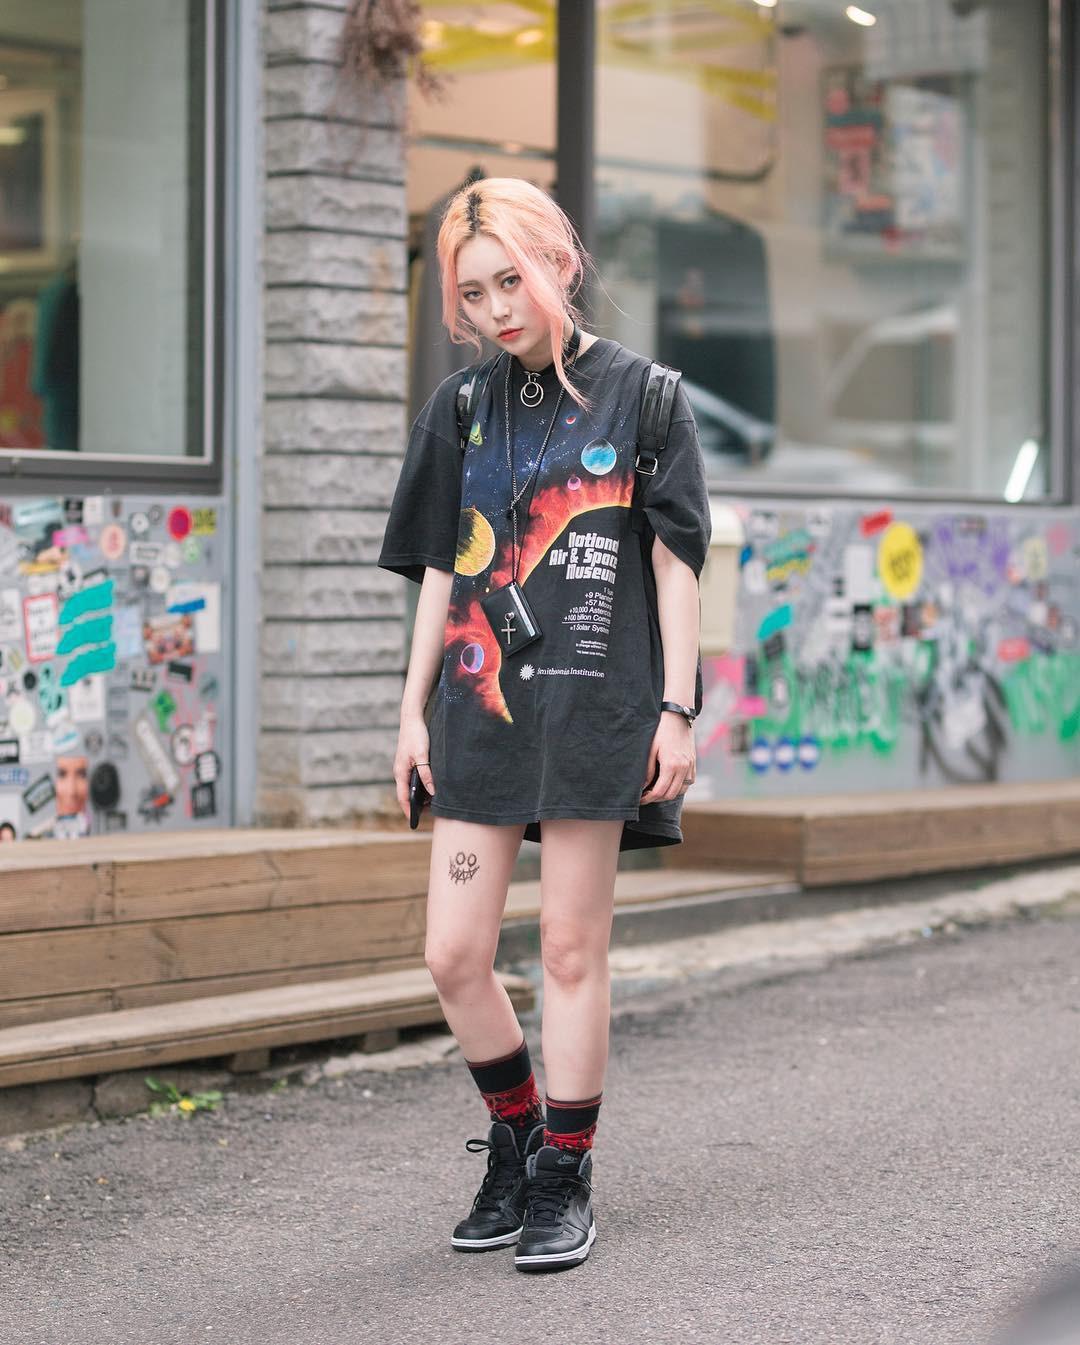 Chỉ diện toàn những món đồ mà ai cũng có sẵn nhưng giới trẻ Hàn vẫn hô biến nên street style quá đỉnh - Ảnh 11.